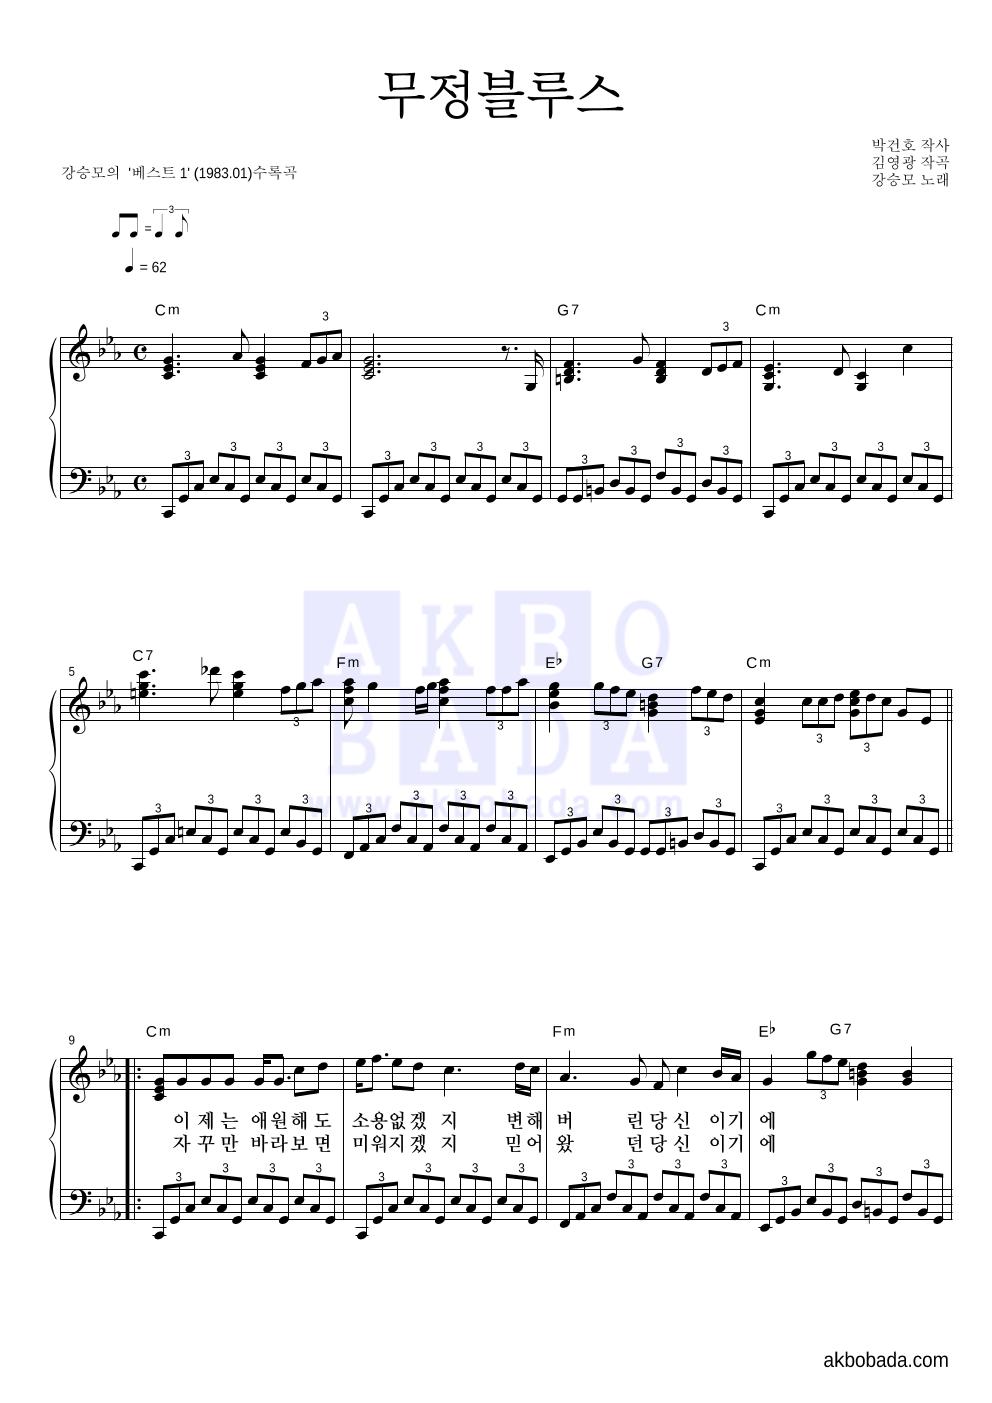 강승모 - 무정블루스 피아노 2단 악보